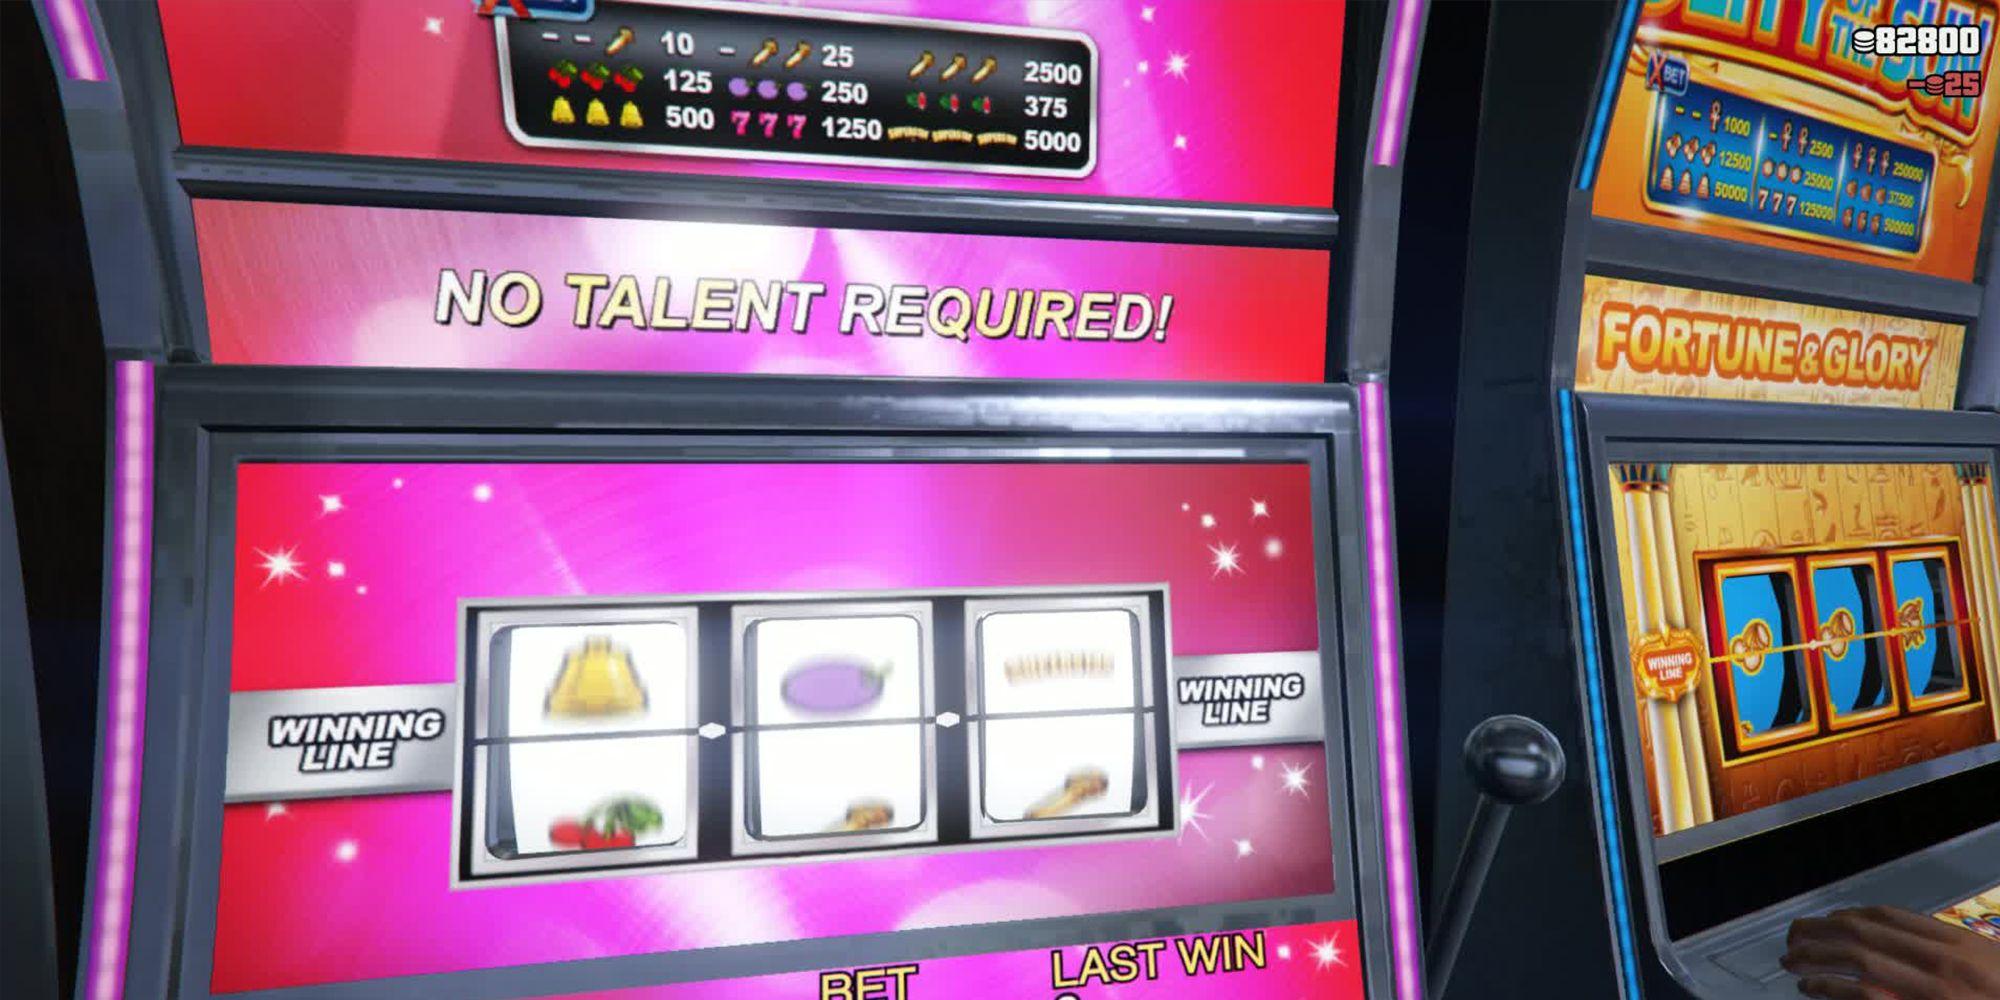 Vincere casinò online slot 176745